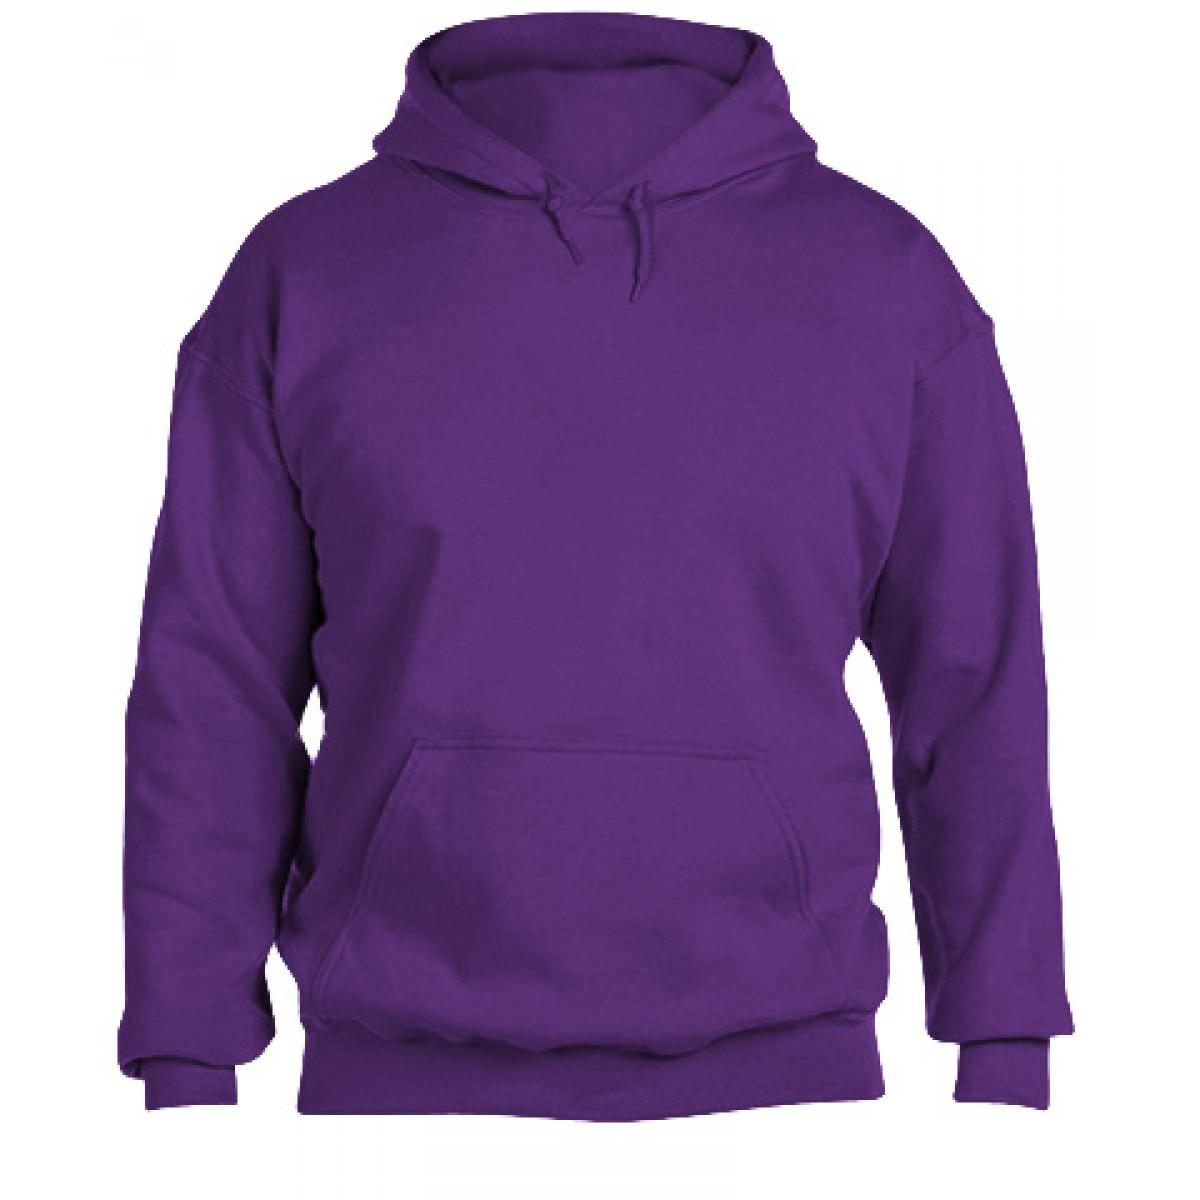 Hooded Sweatshirt 50/50 Heavy Blend -Purple-S